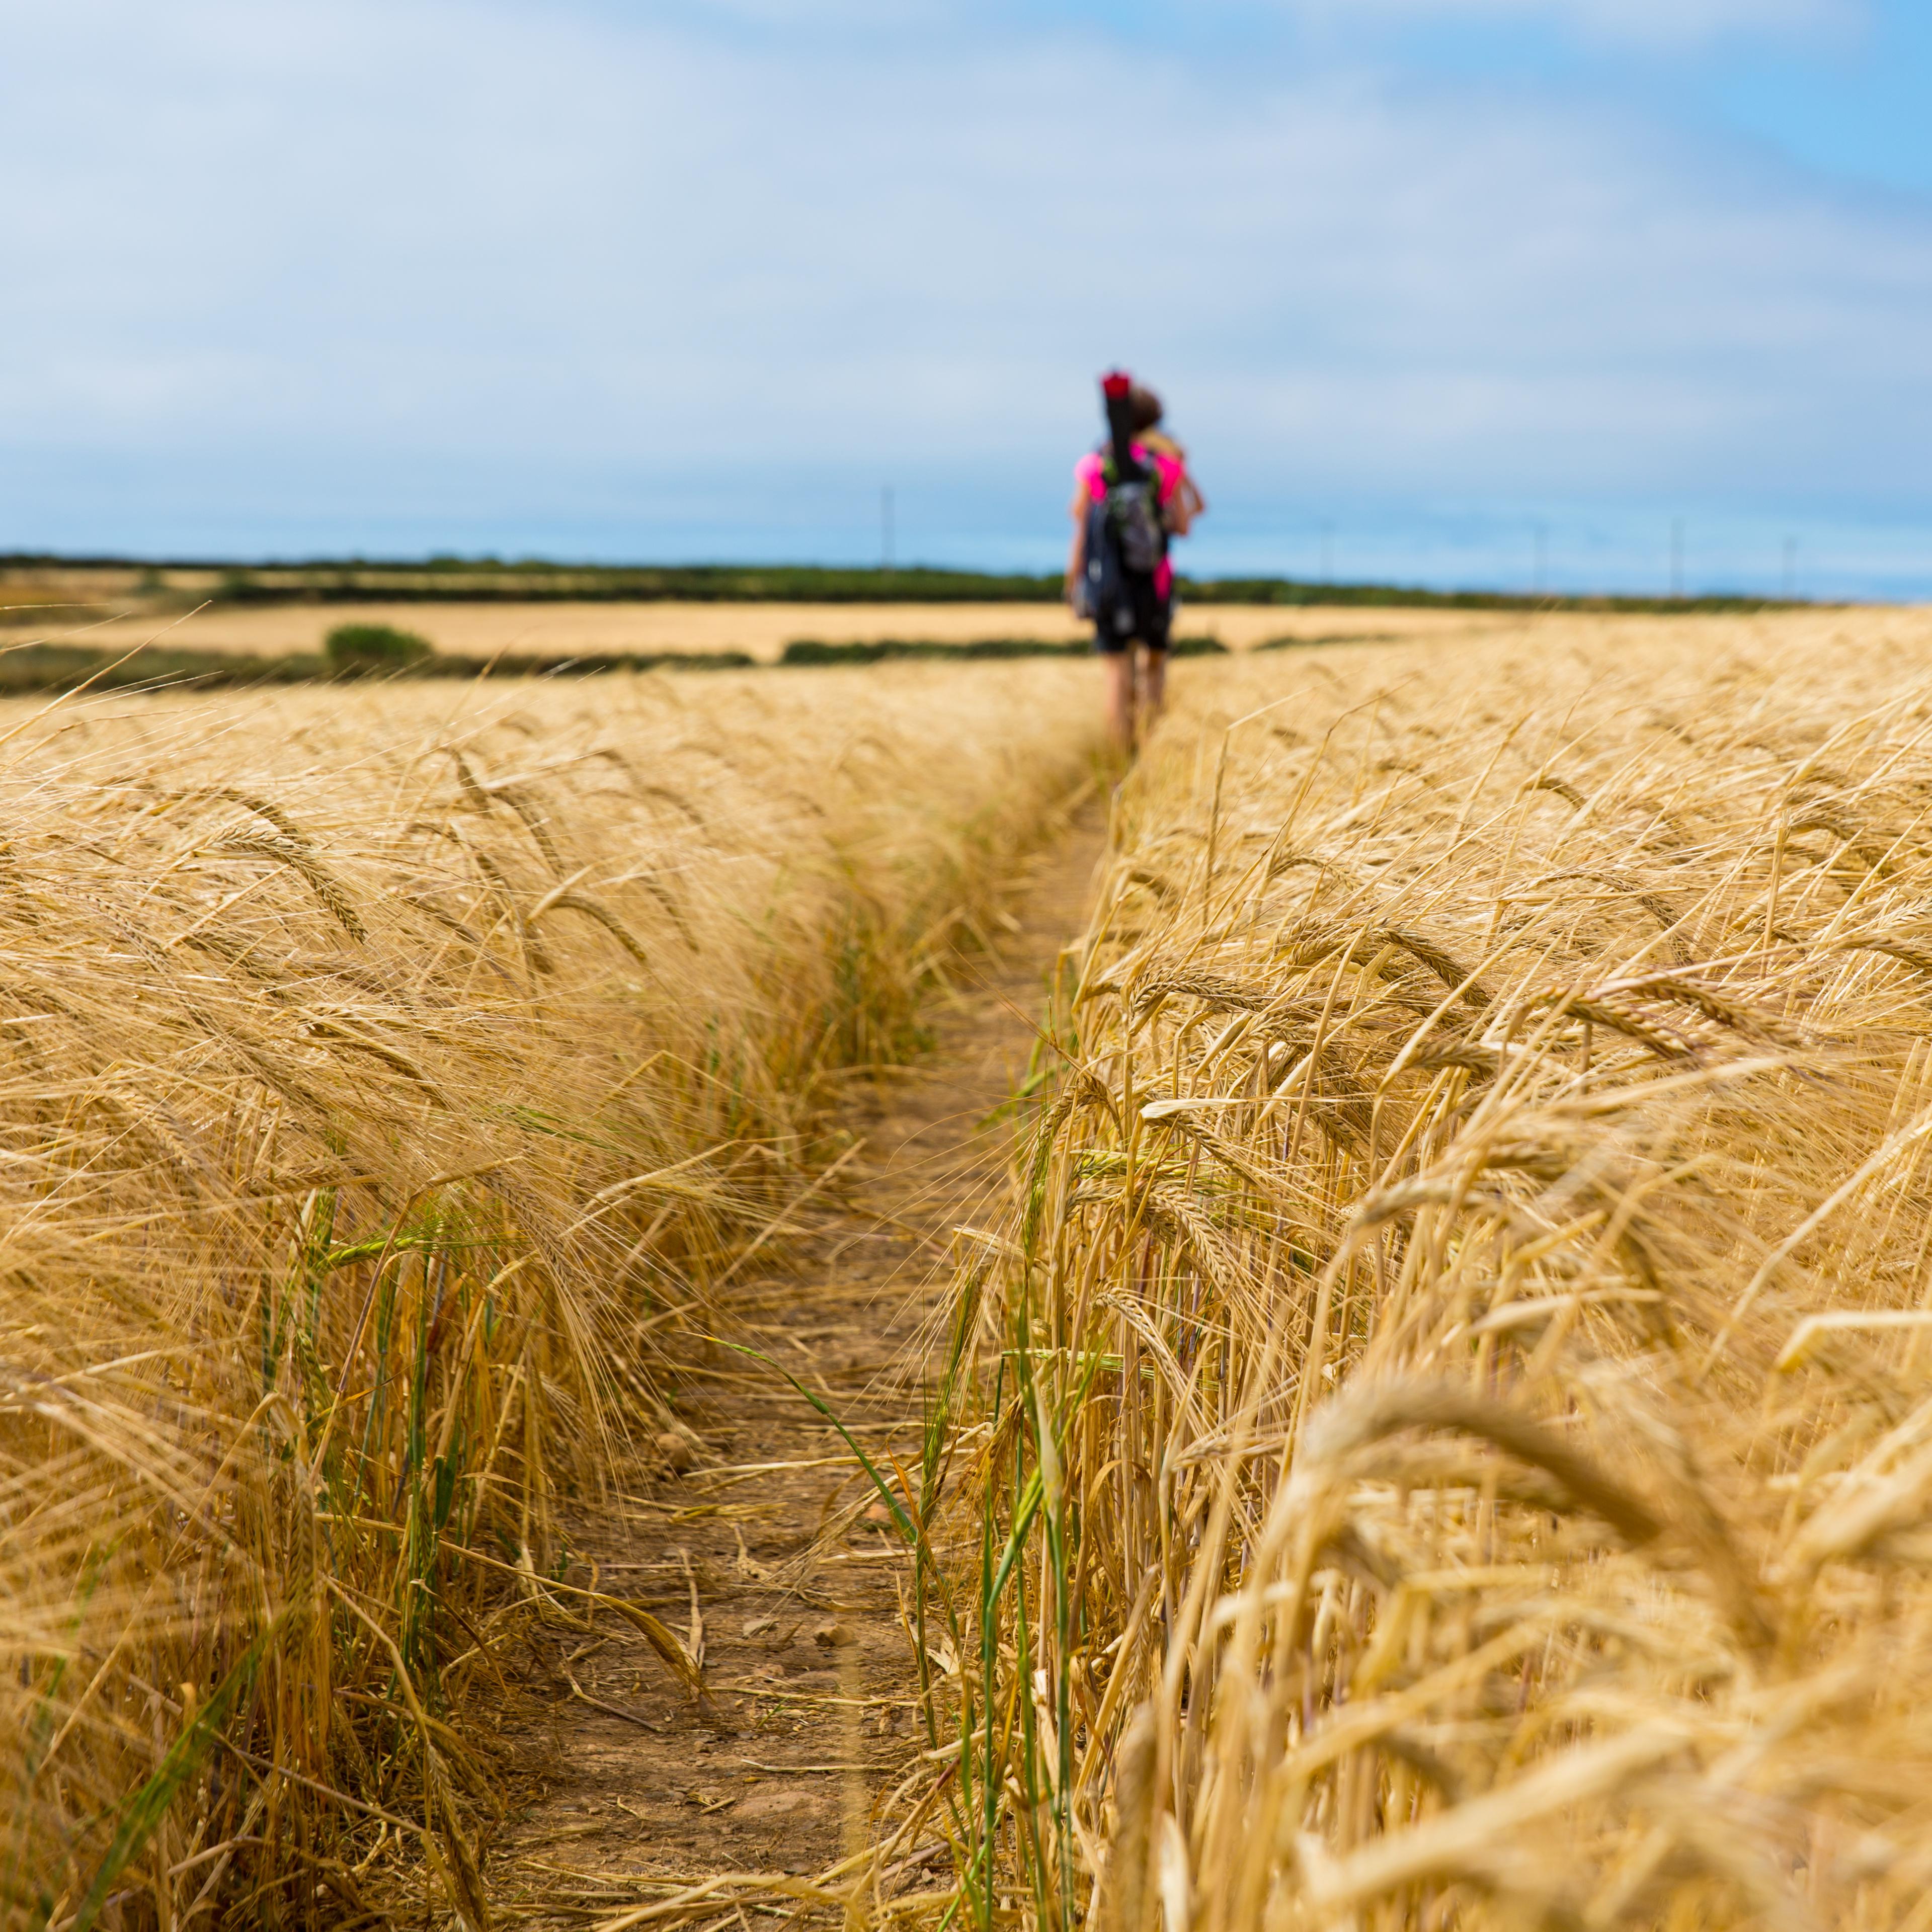 Weizenfeld mit Weg und Menschen im Hintergrund